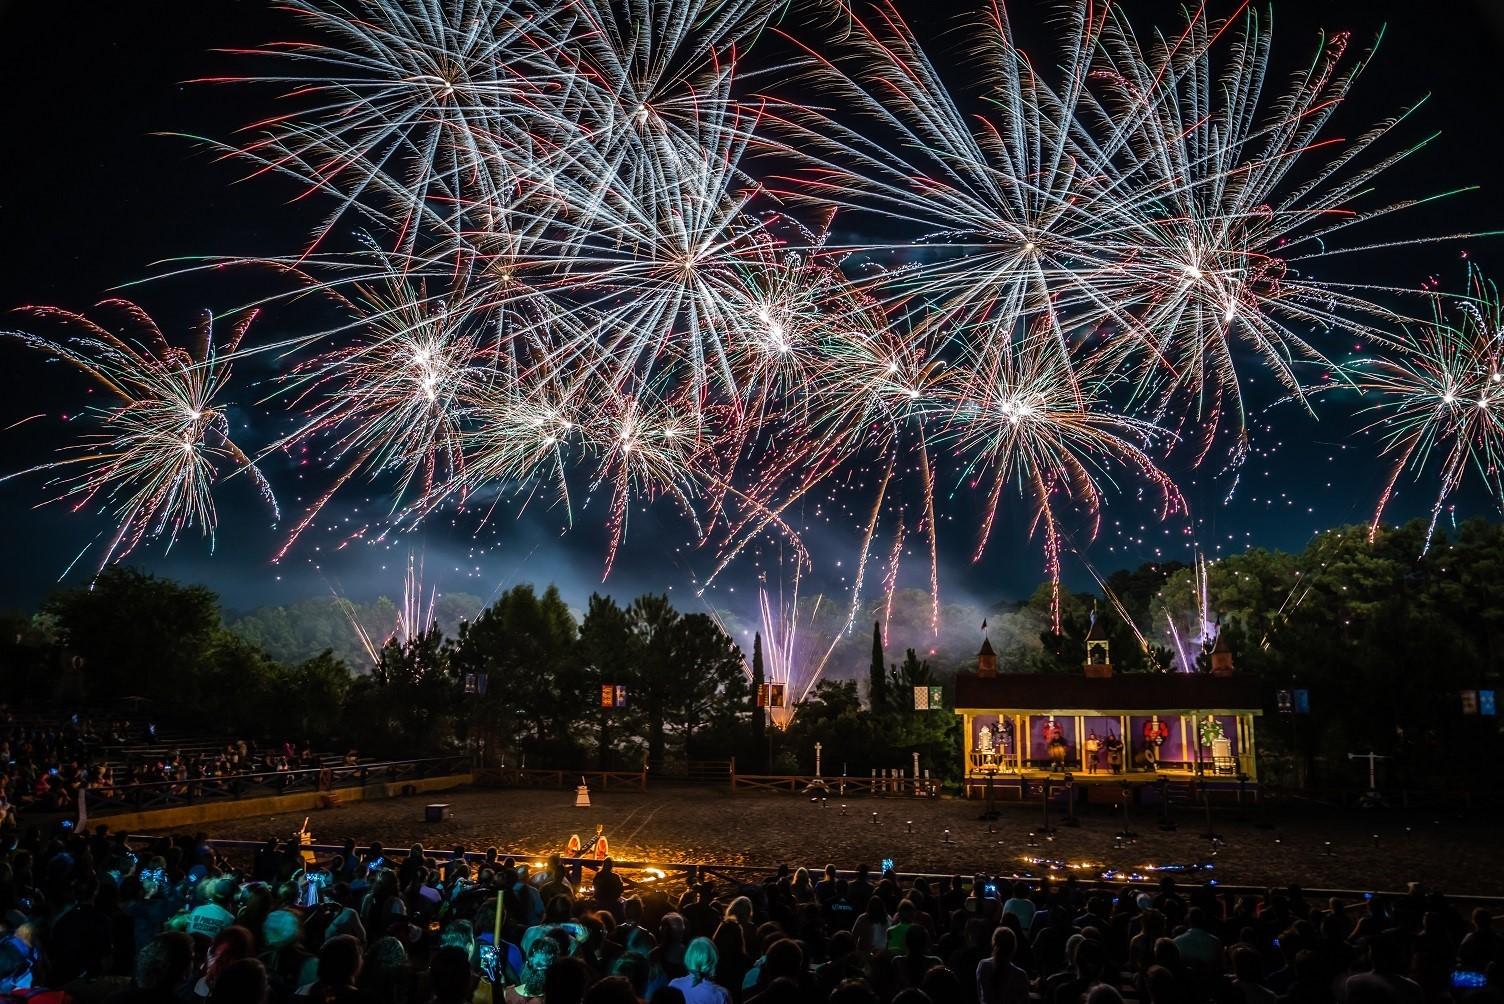 [Image: Festival_Fireworks_2014.jpg]